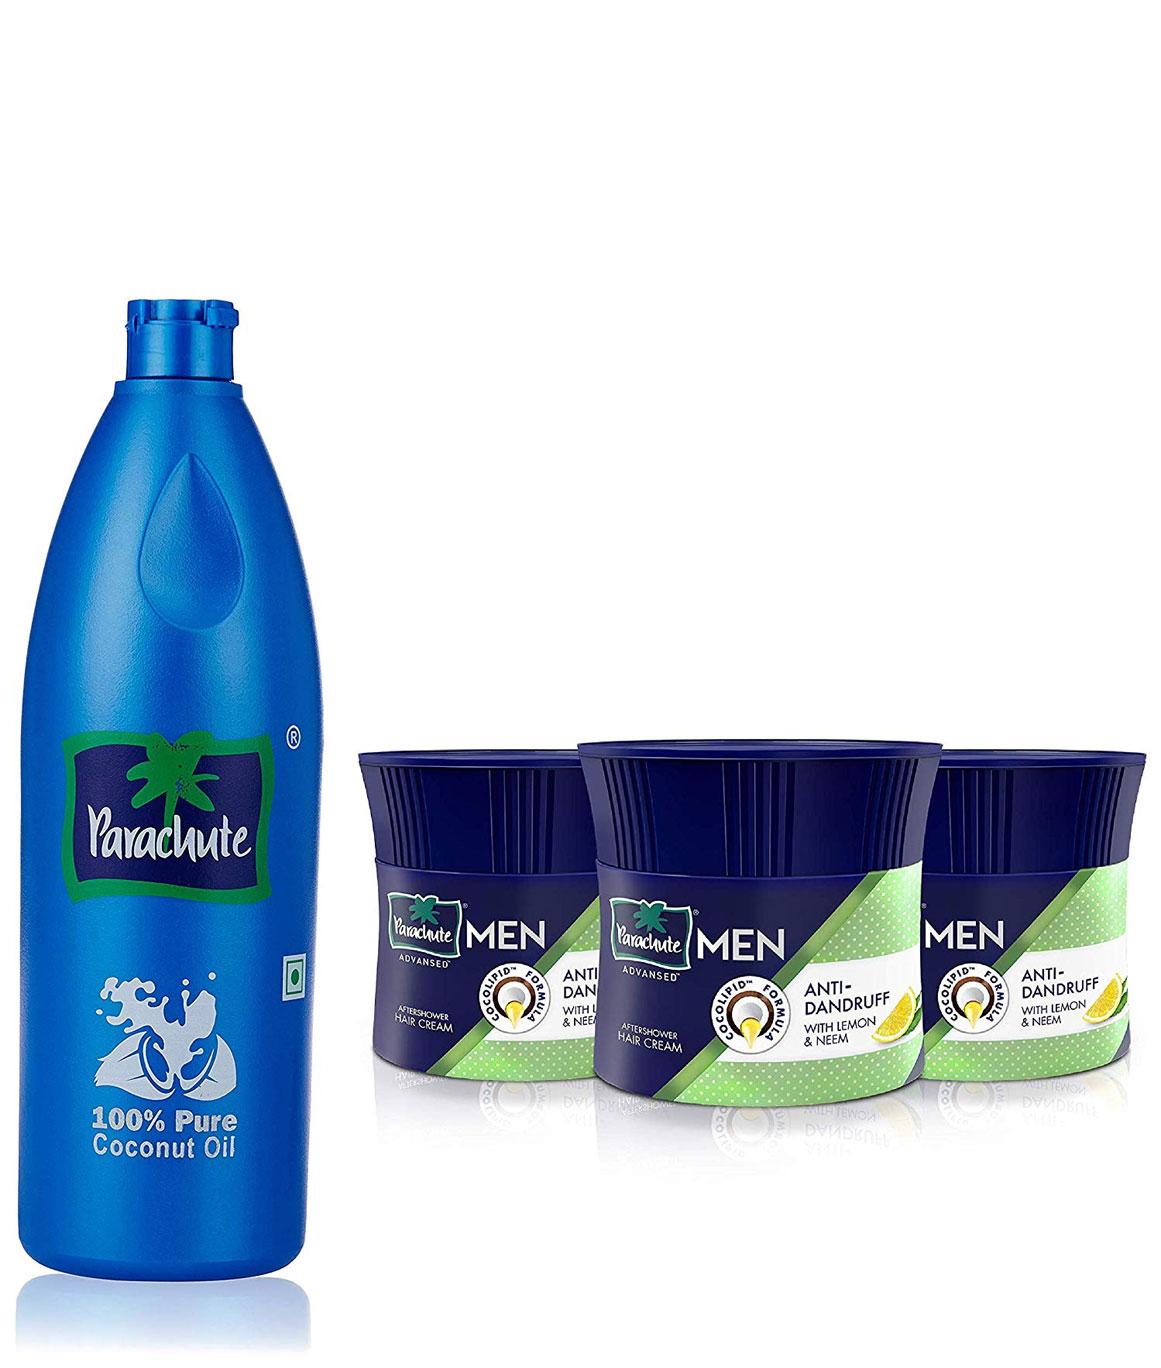 Parachute Coconut Oil Bottle - 600 ml & Advansed Men Hair Cream, Anti-Dandruff, 100 gm (Pack of 3) Combo